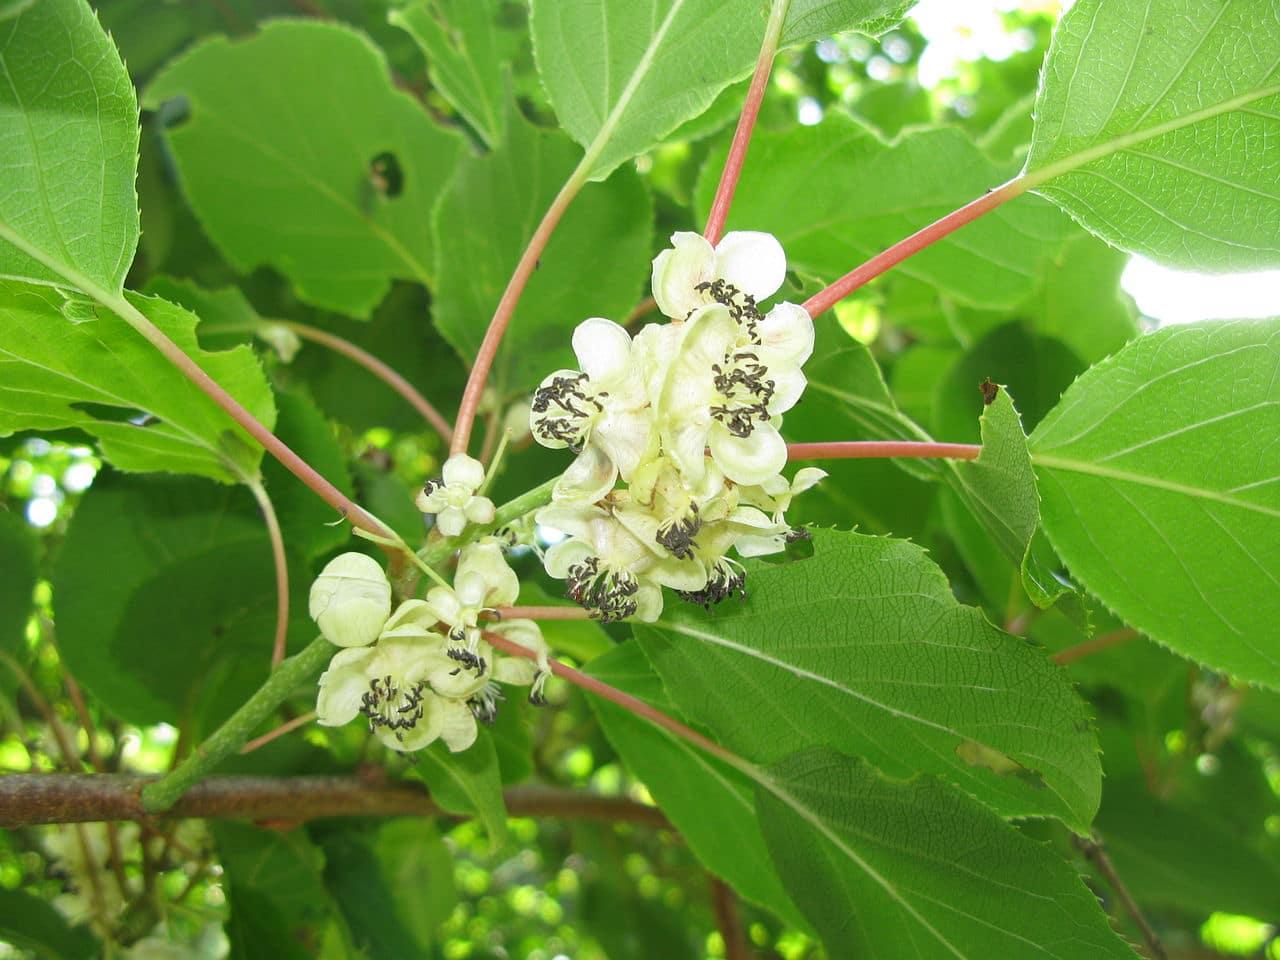 Las flores de Actinidia arguta son blancas